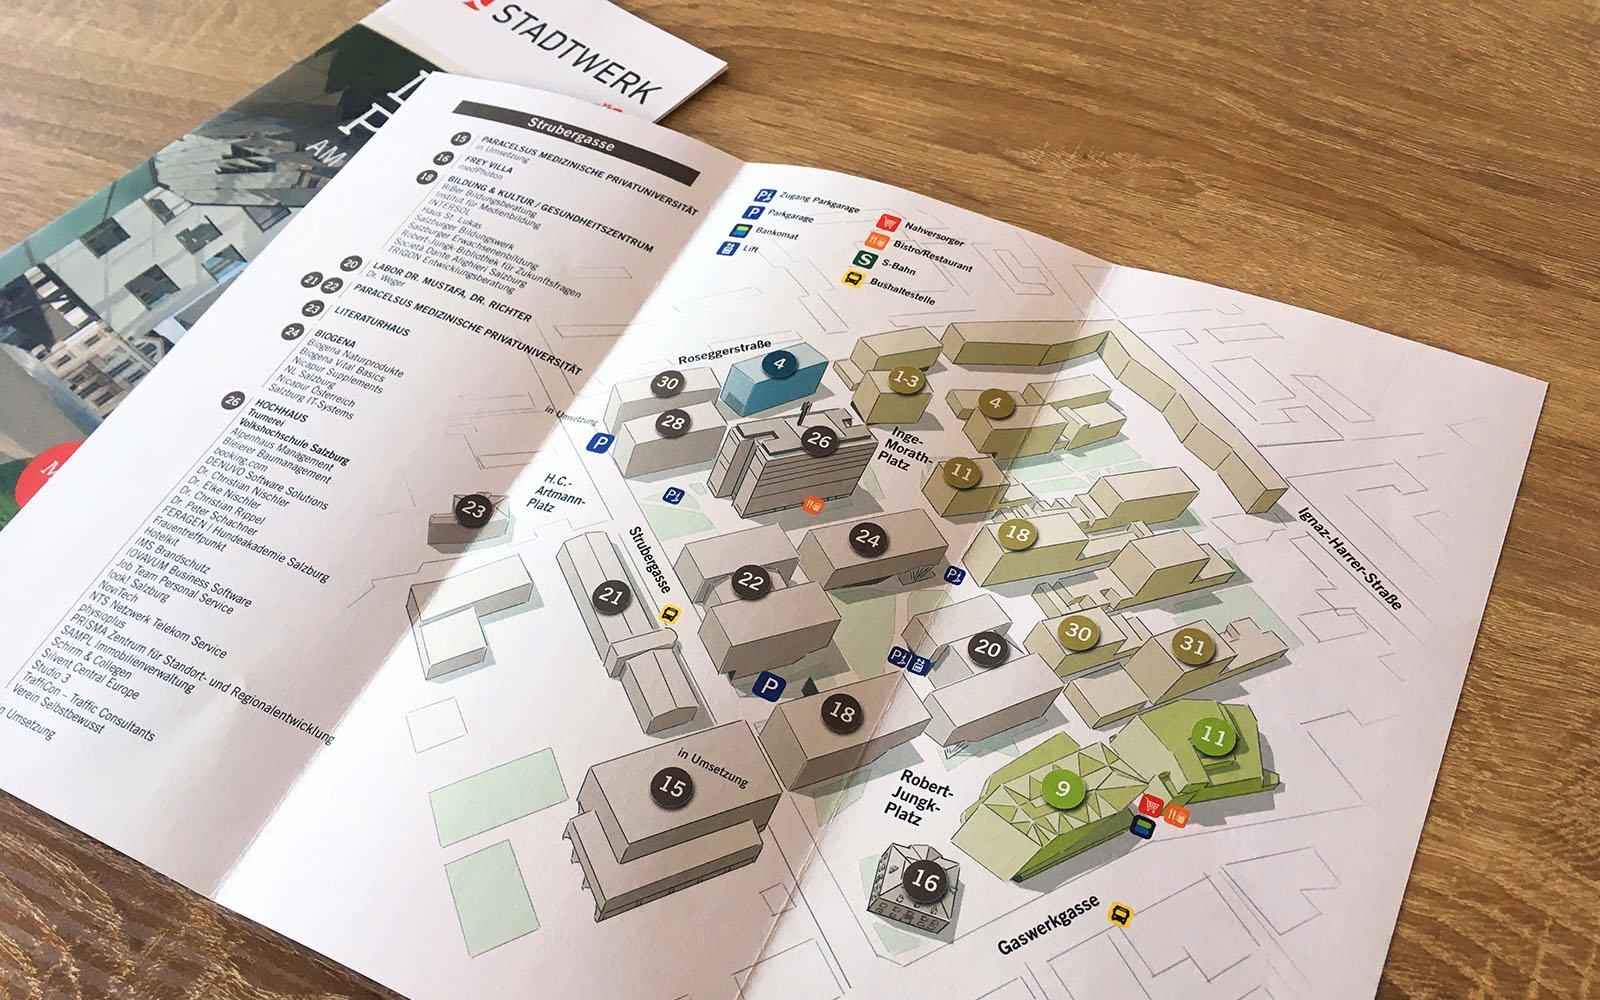 Stadtwerk-Orientierungsplan